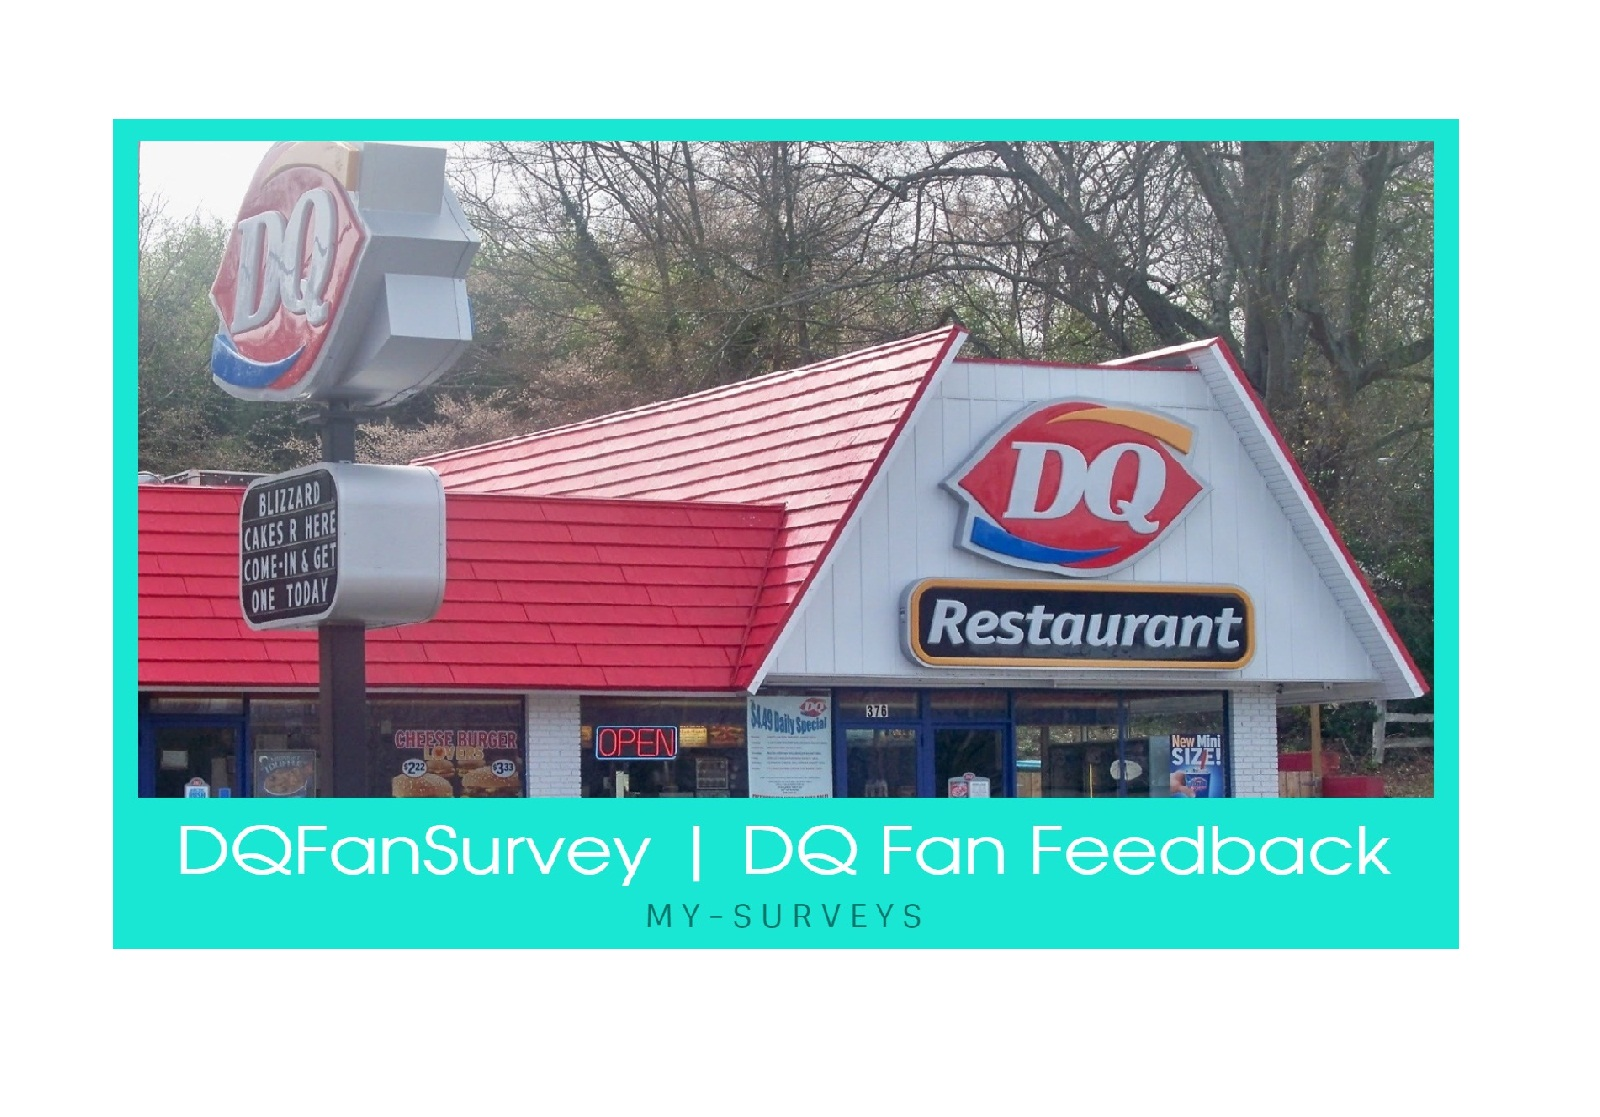 www.dqfansurvey.com [Dairy Queen Survey] DQ Fan Feedback